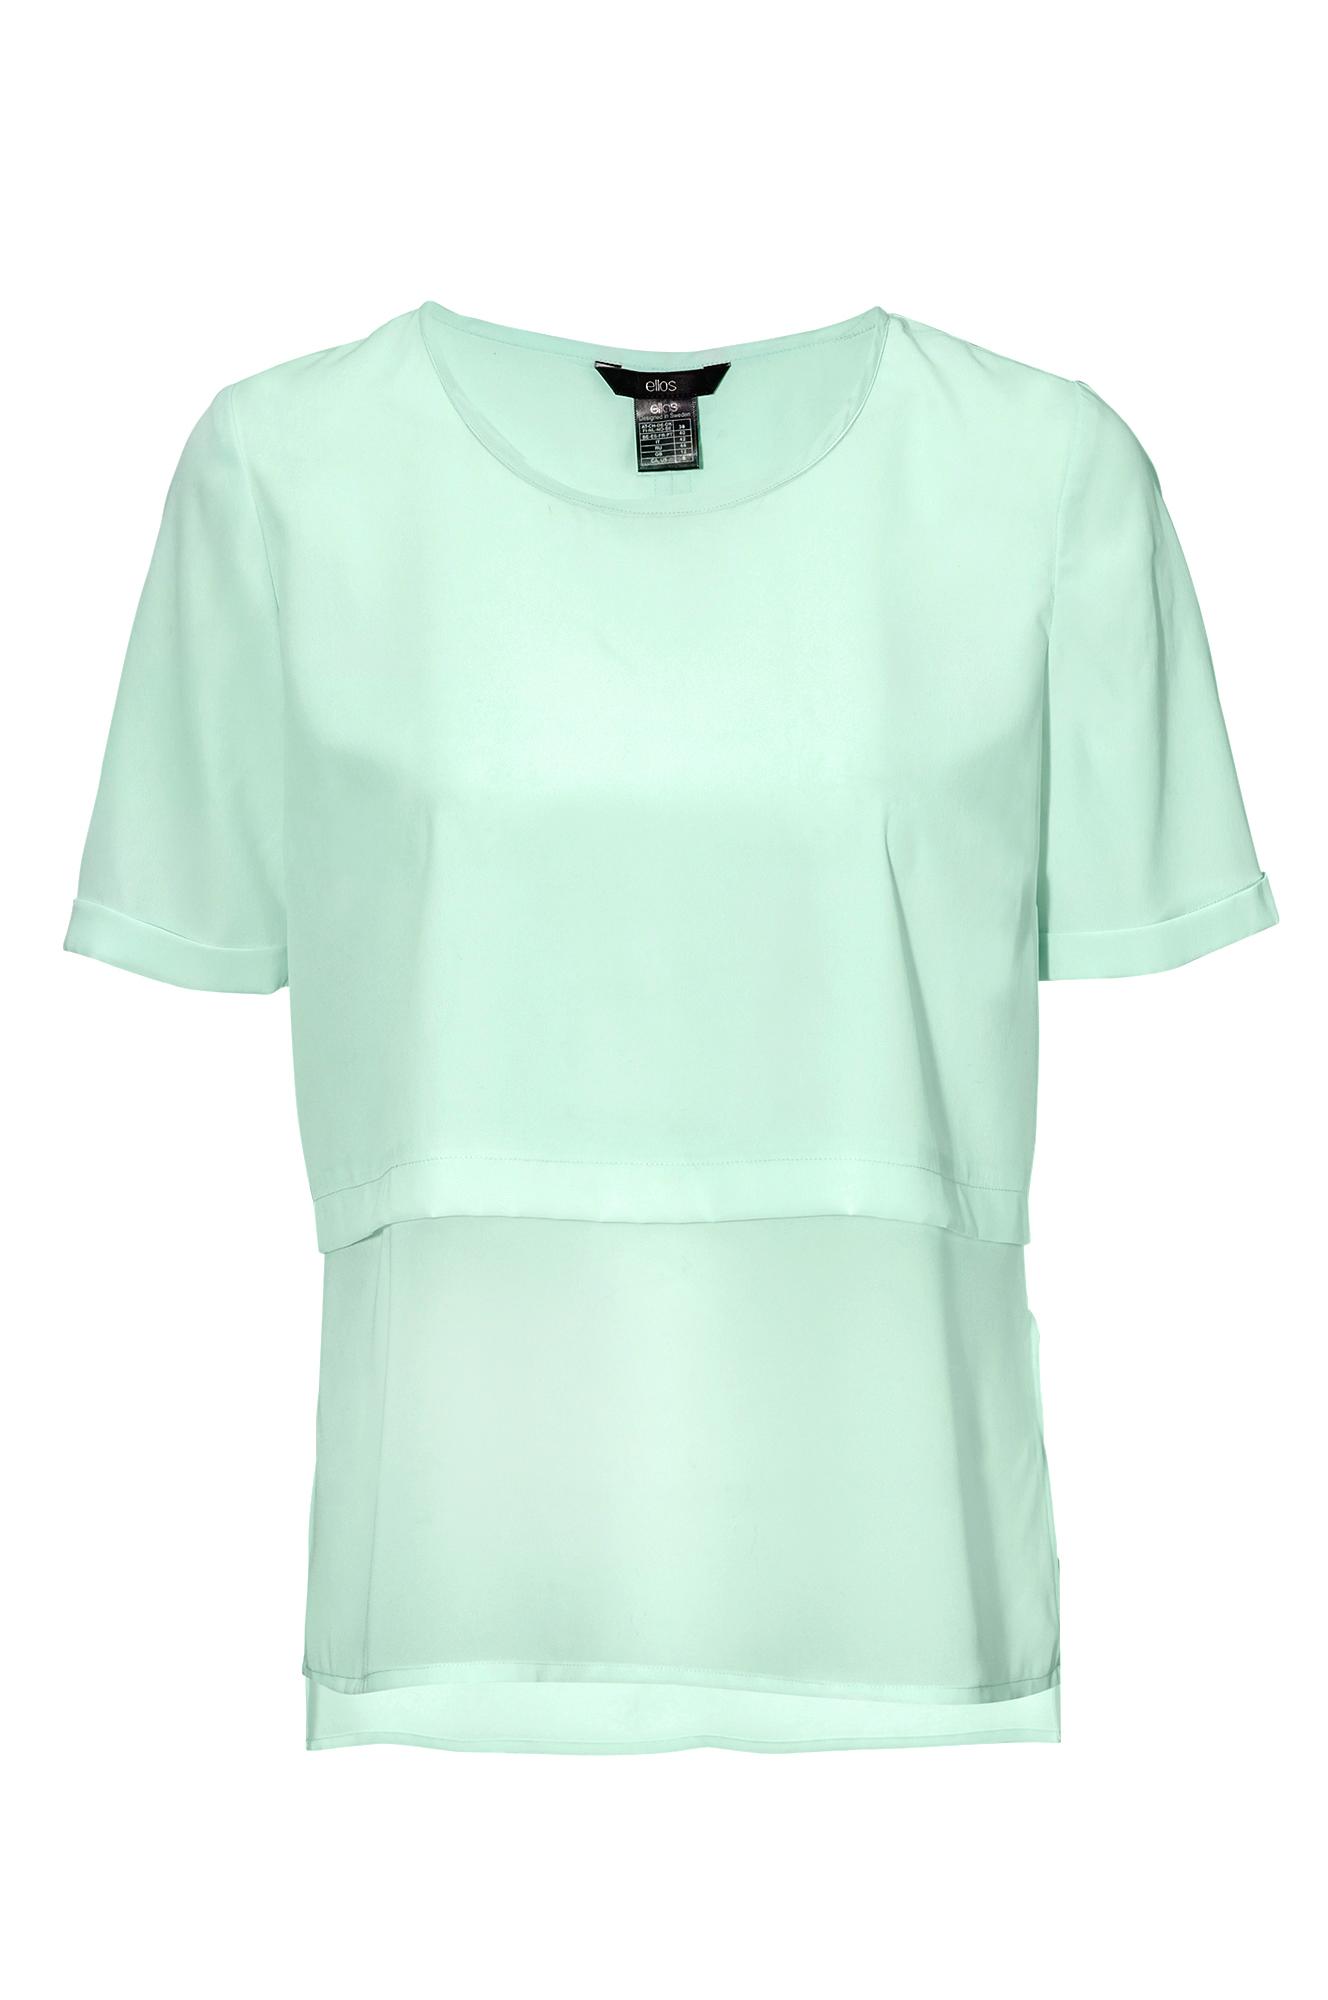 Chiffon gjennomsiktig sjøgrønn bluse | FINN.no